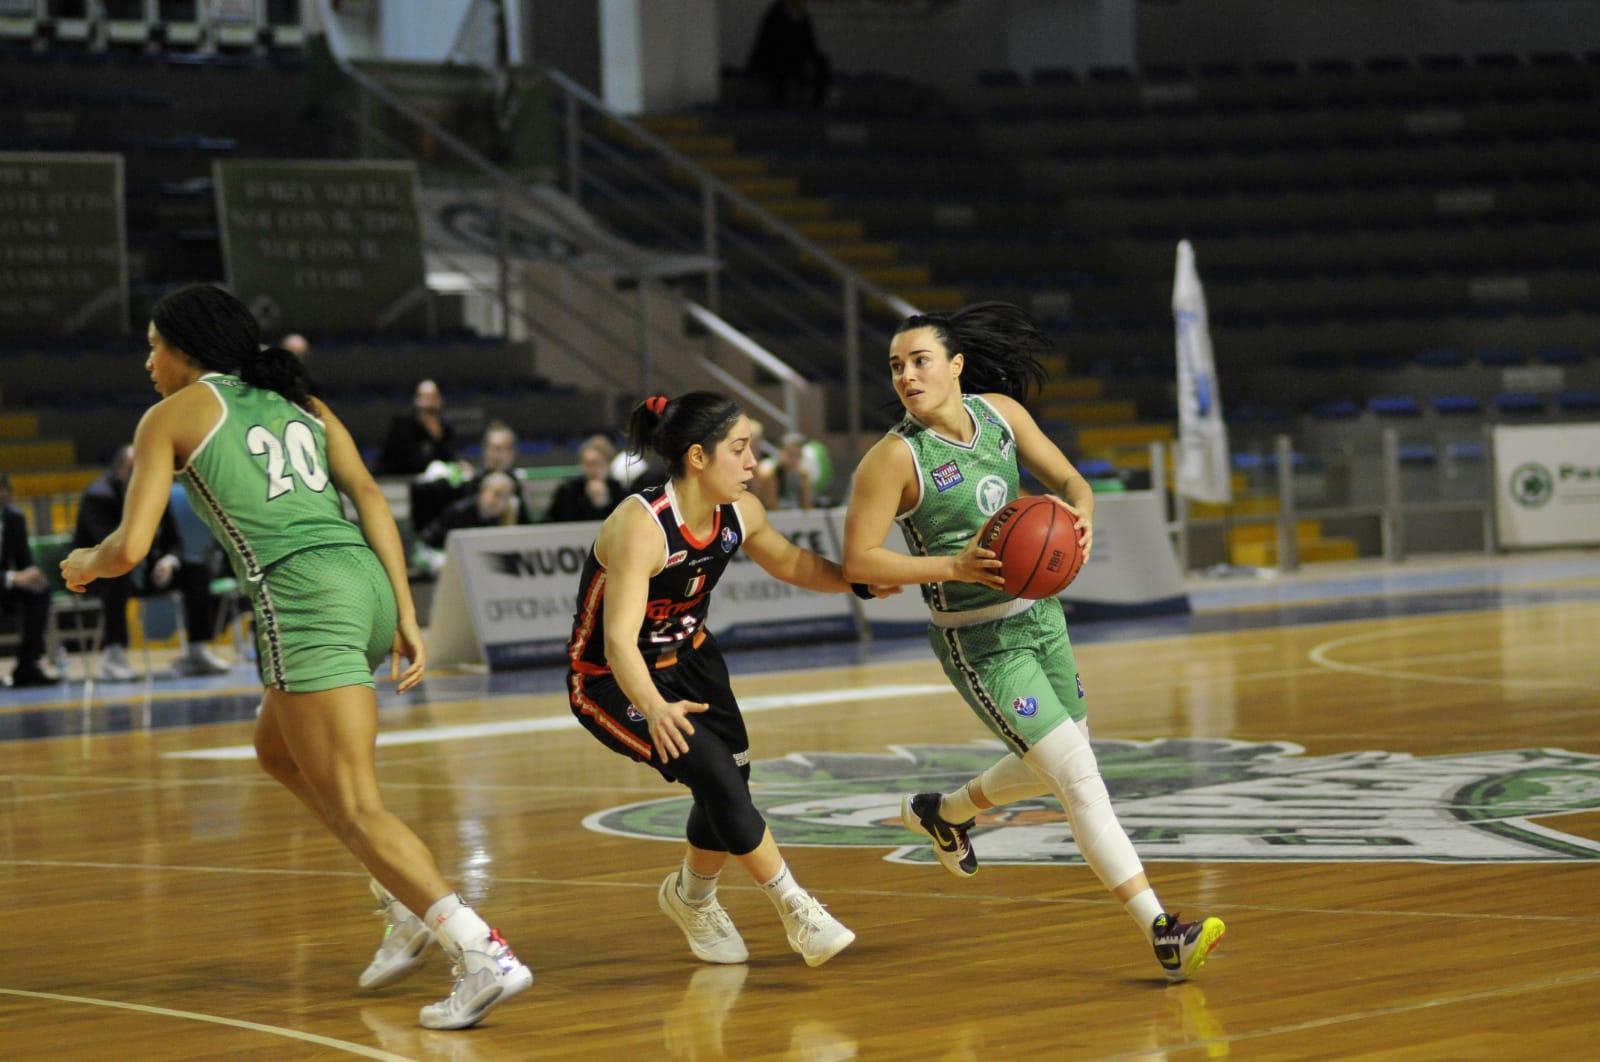 Basket donne, prova di maturità per Ragusa: battuto il quintetto di Schio